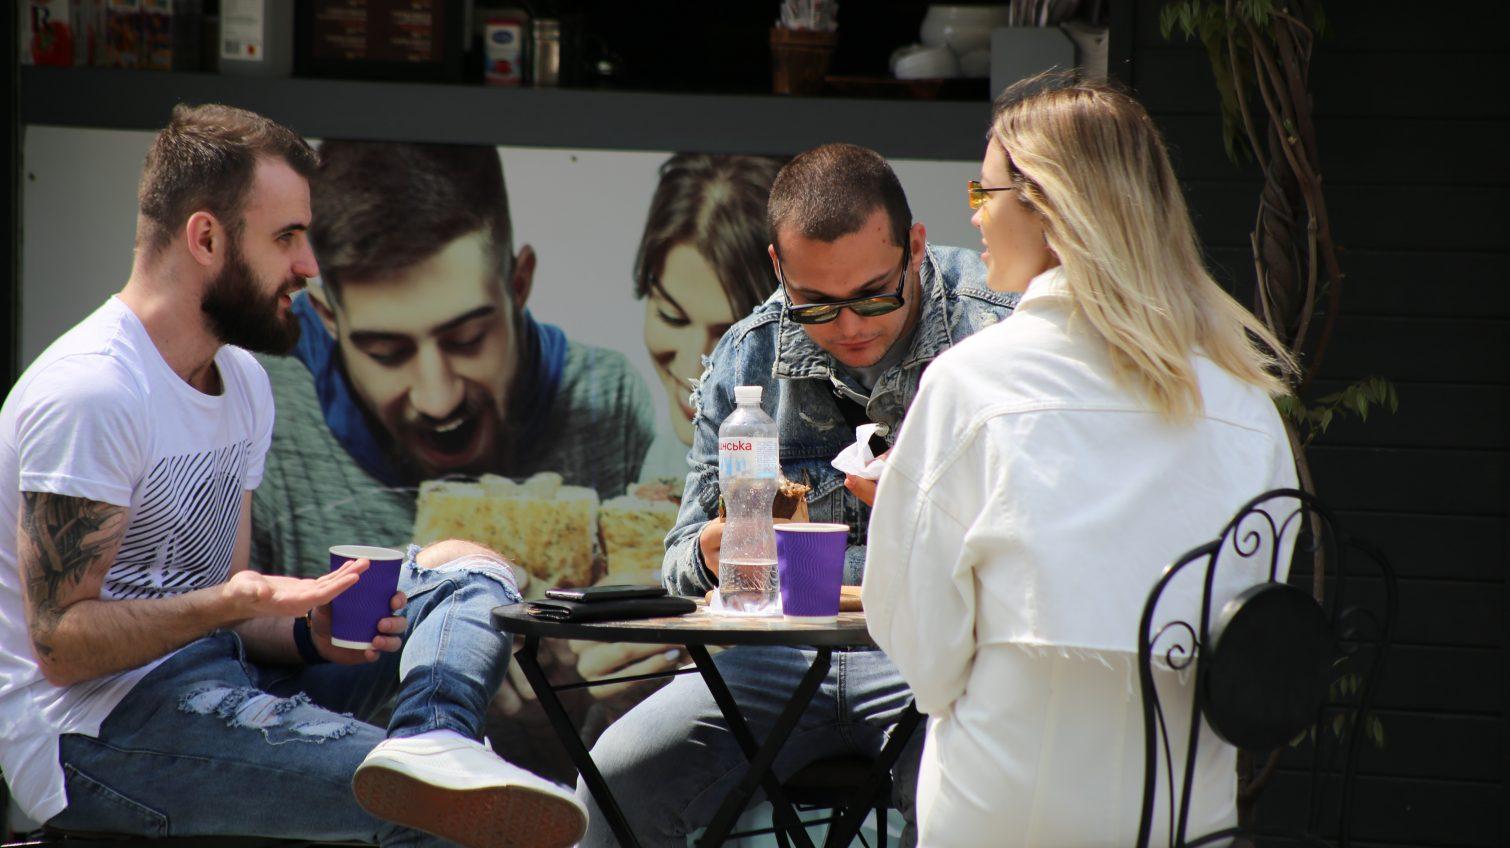 «Экстренные меры»: в Одессе усилят мониторинг кафе и клубов, но штрафовать не будут «фото»